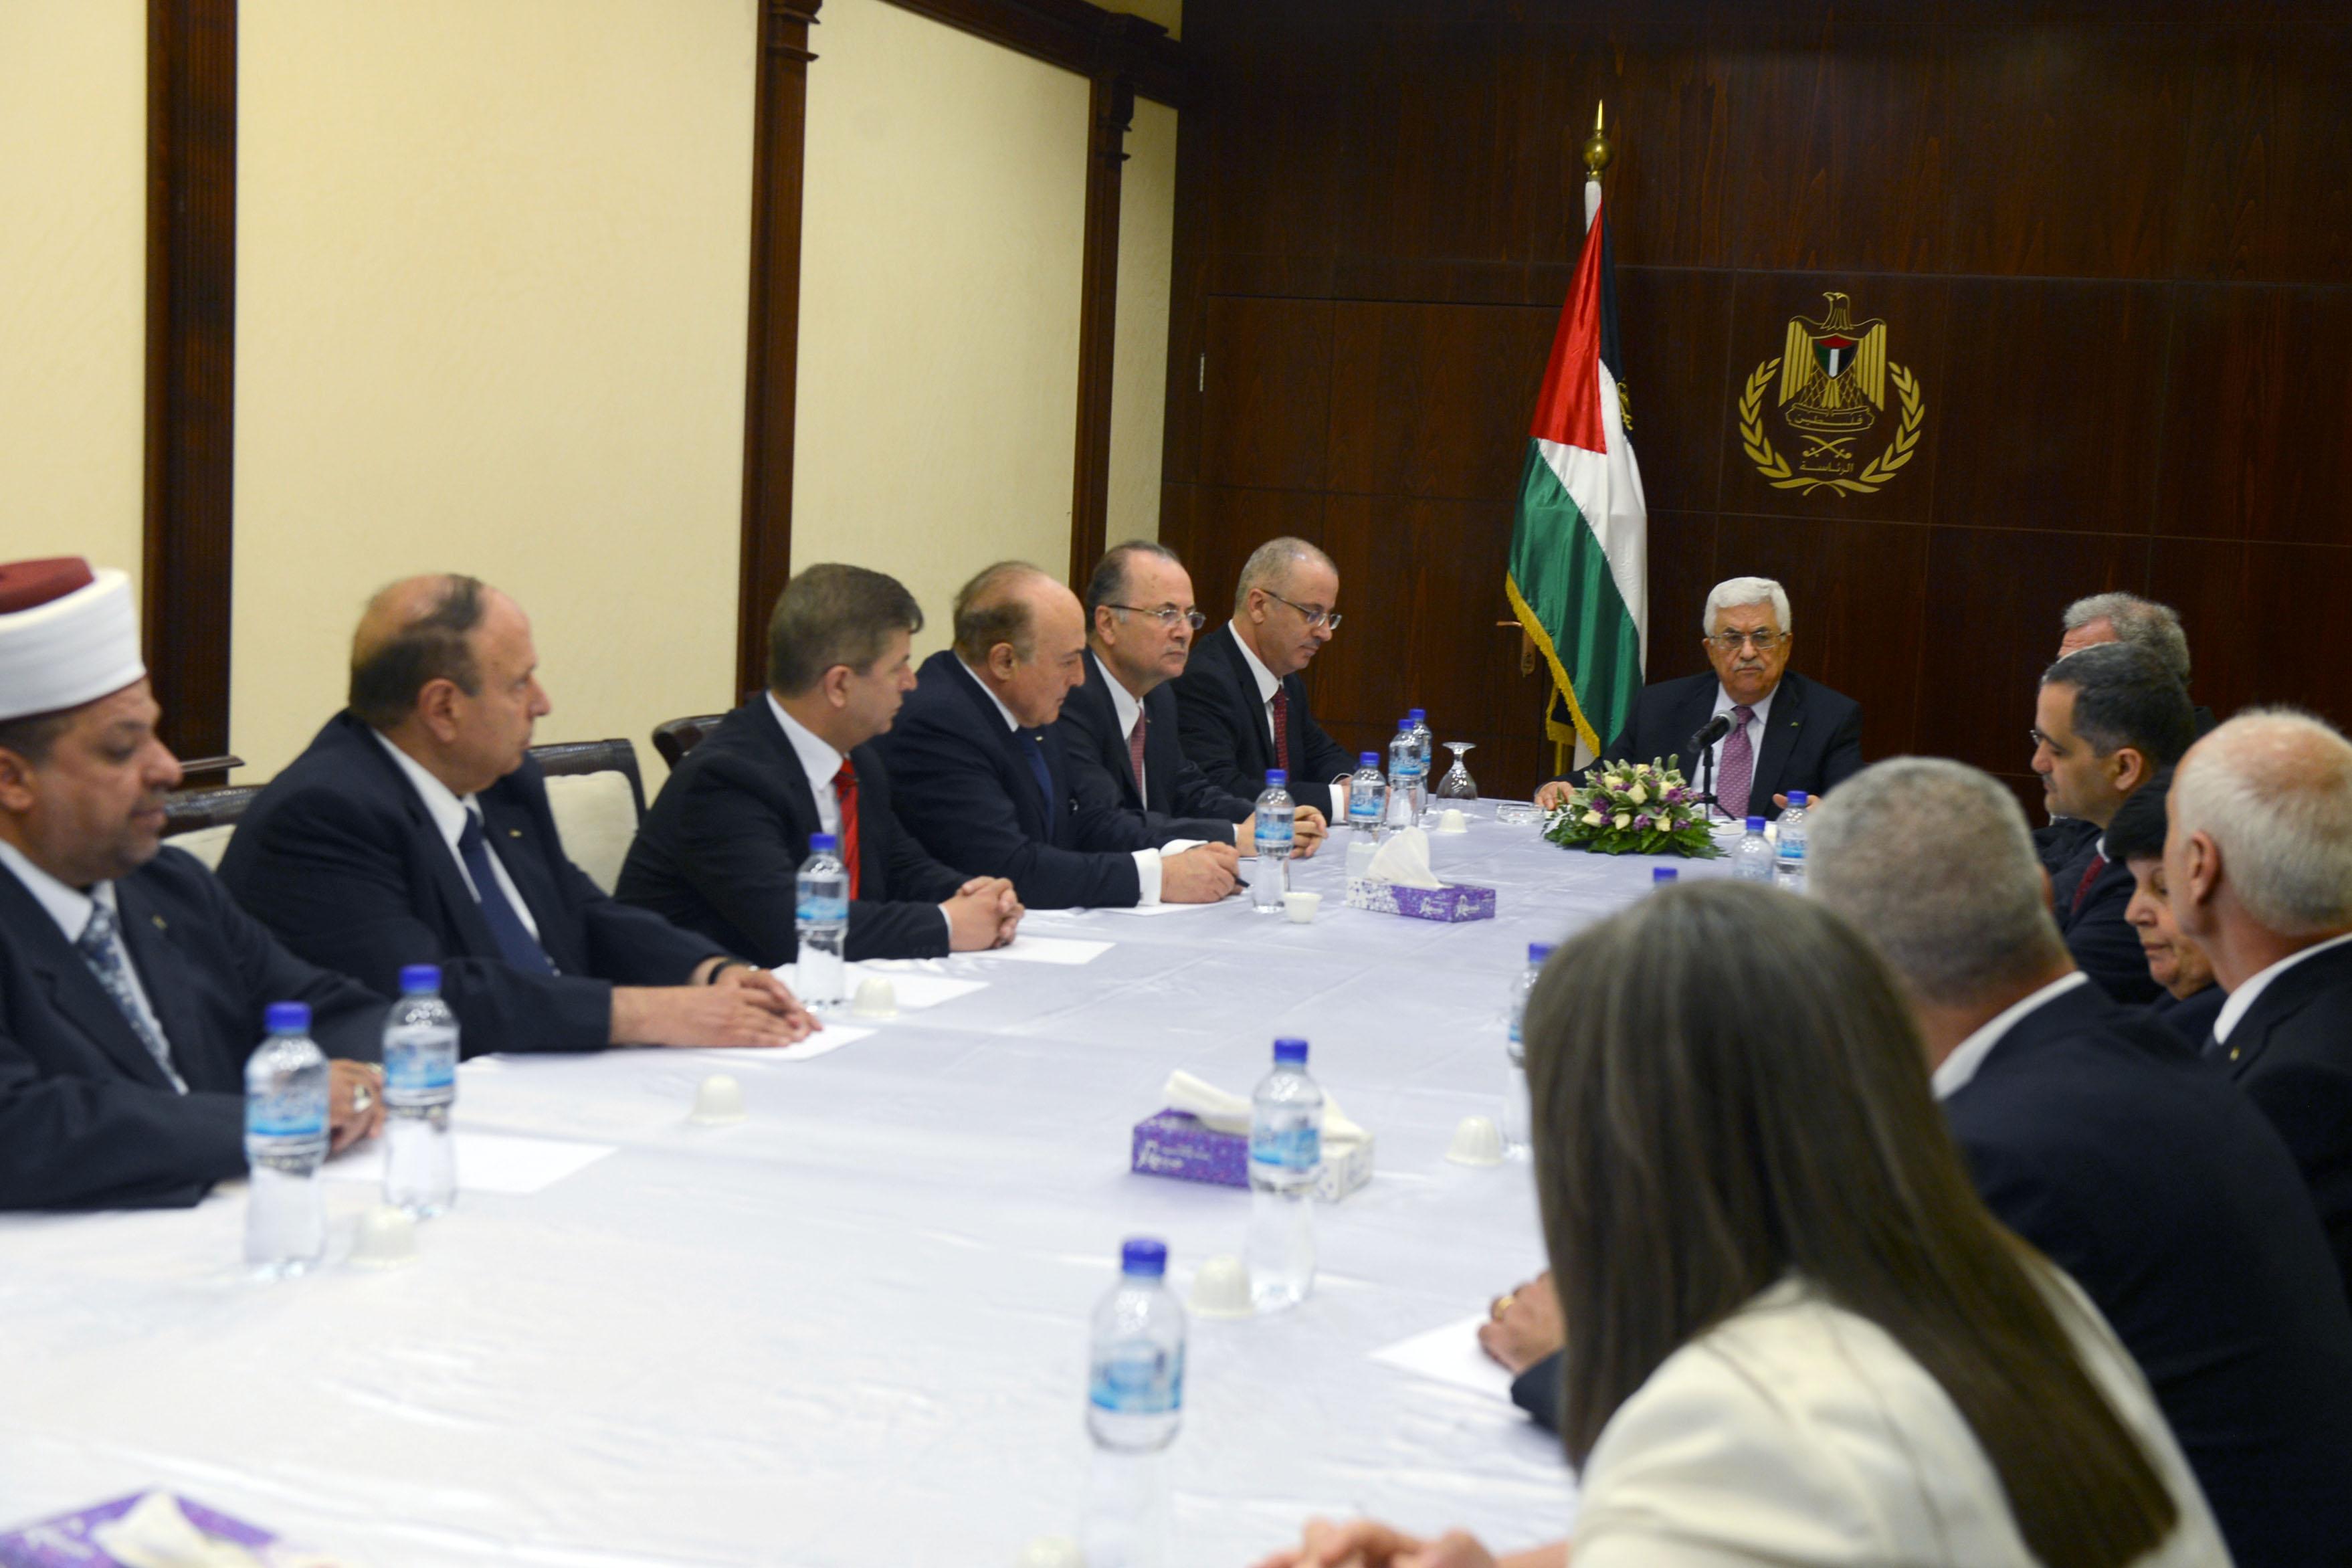 الرئيس يترأس الاجتماع الأول لحكومة الوفاق الوطني